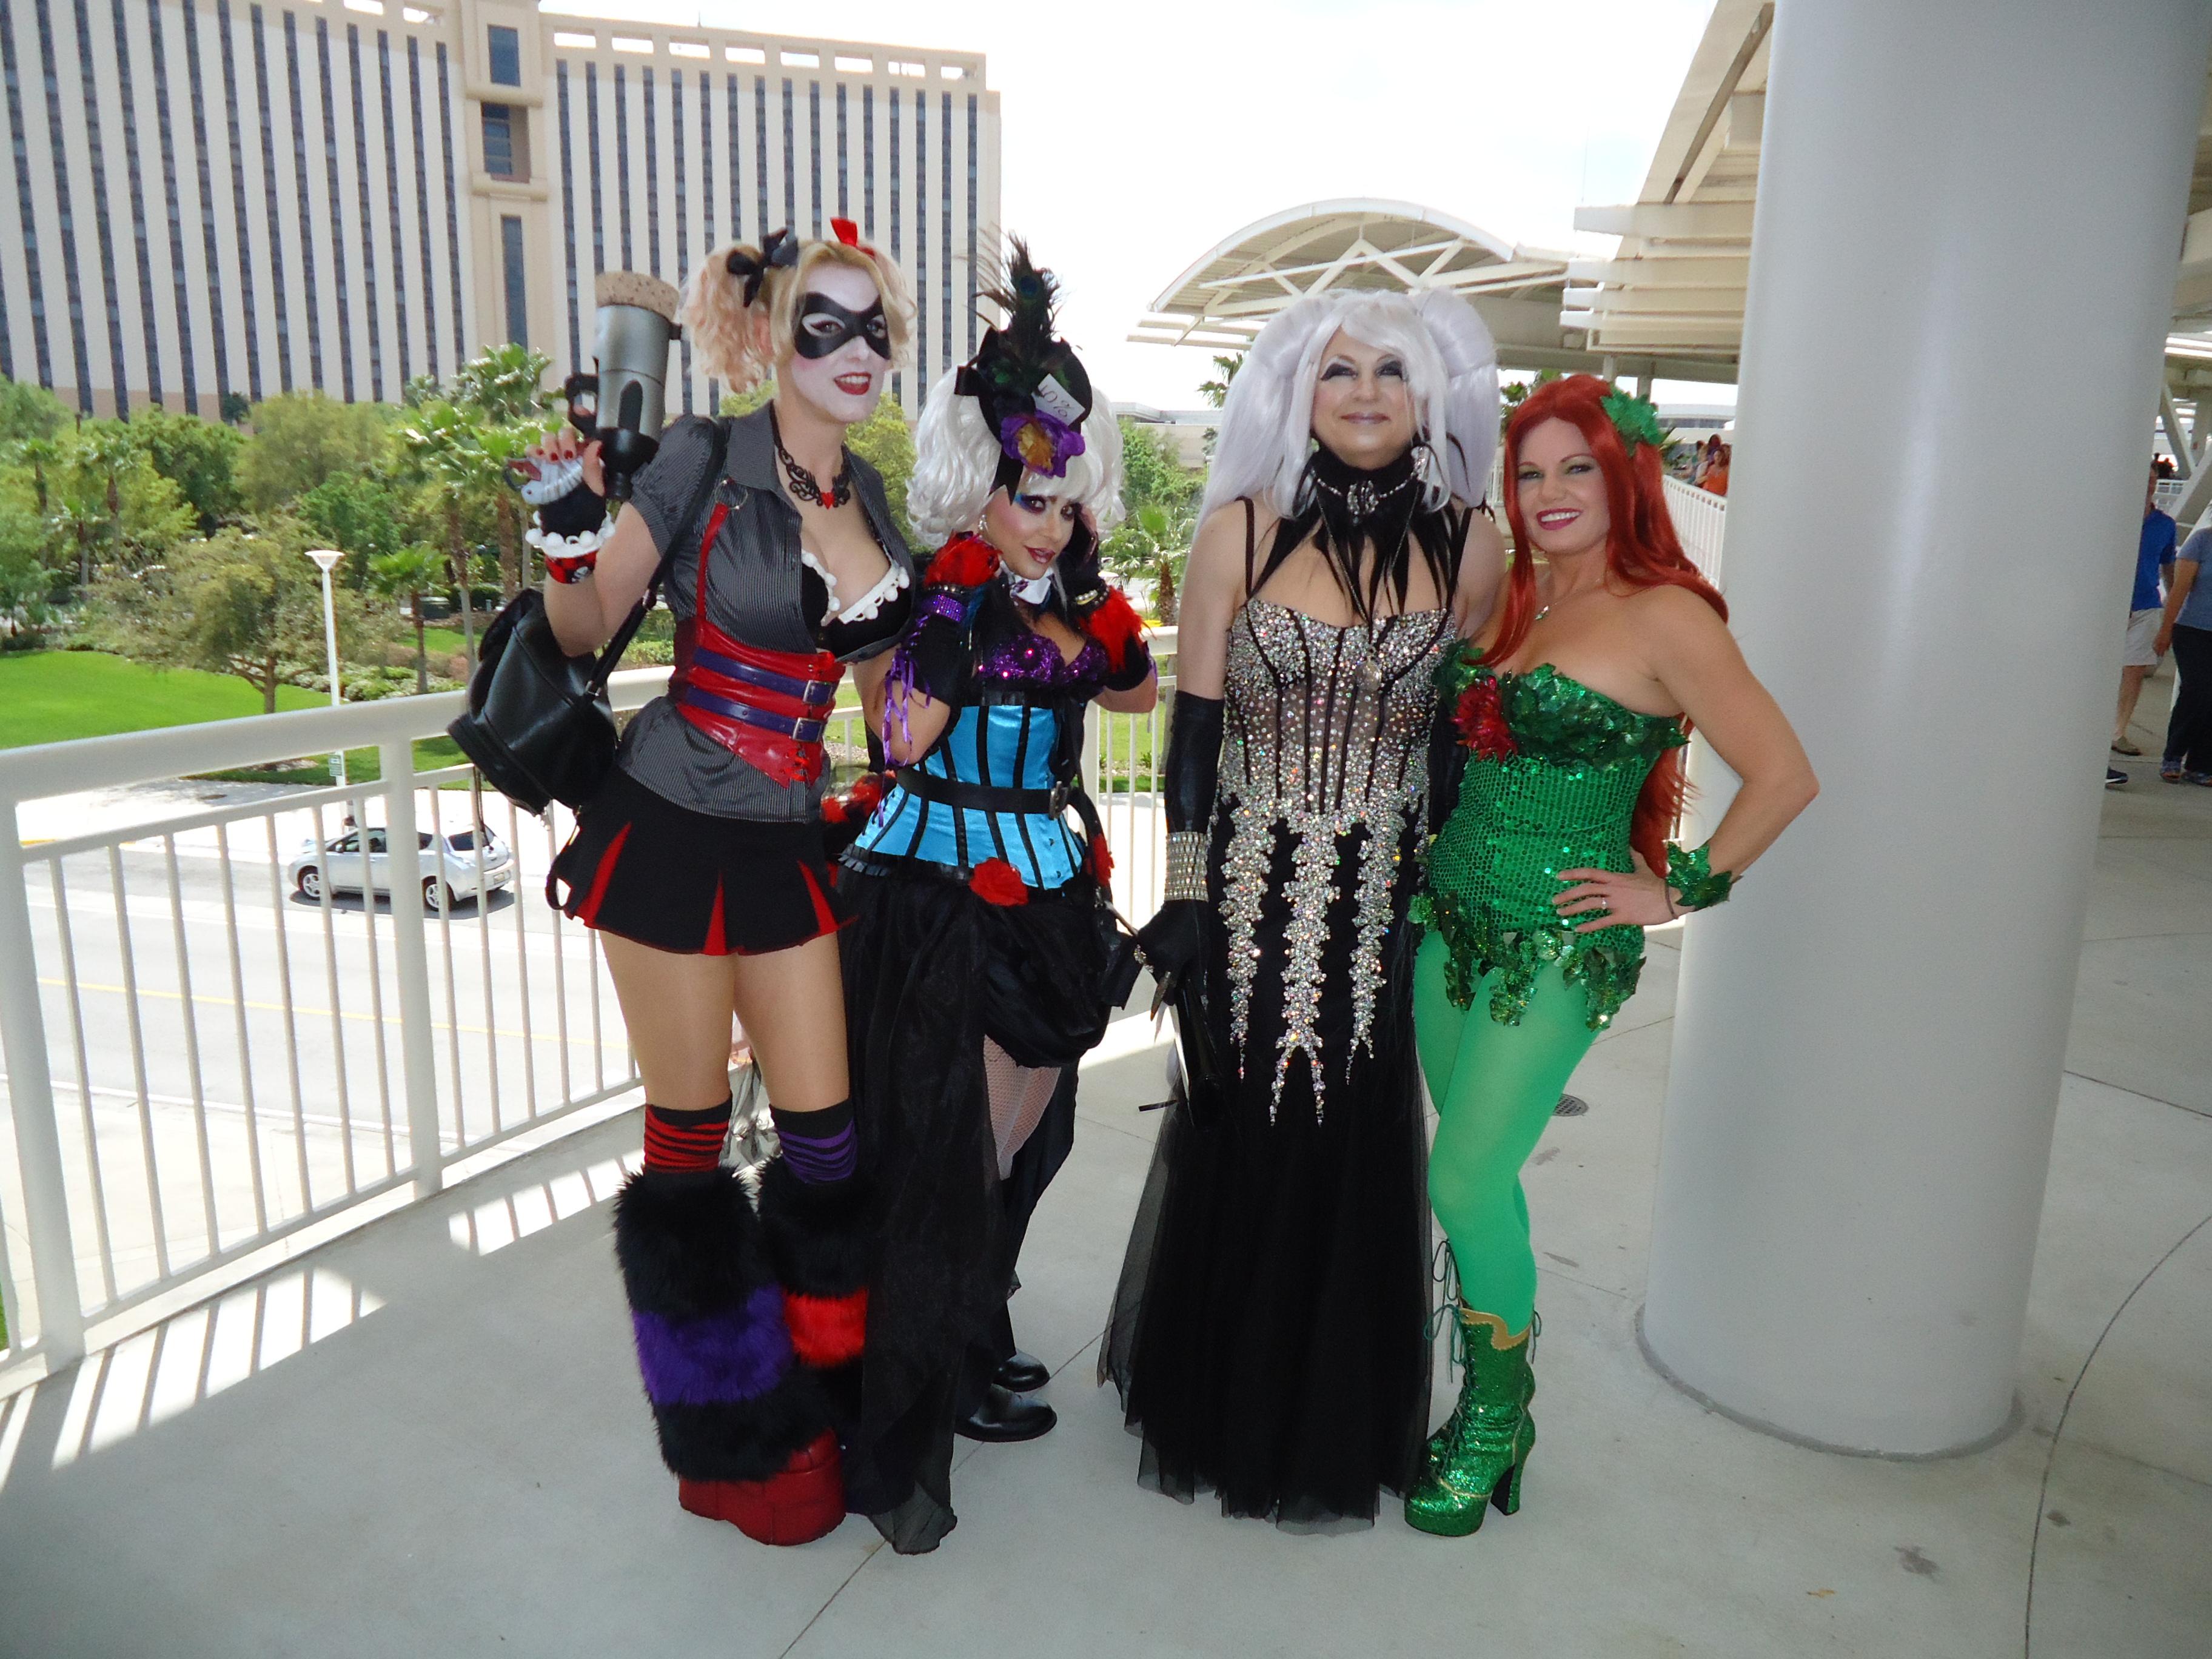 Cosplayers at MegaCon